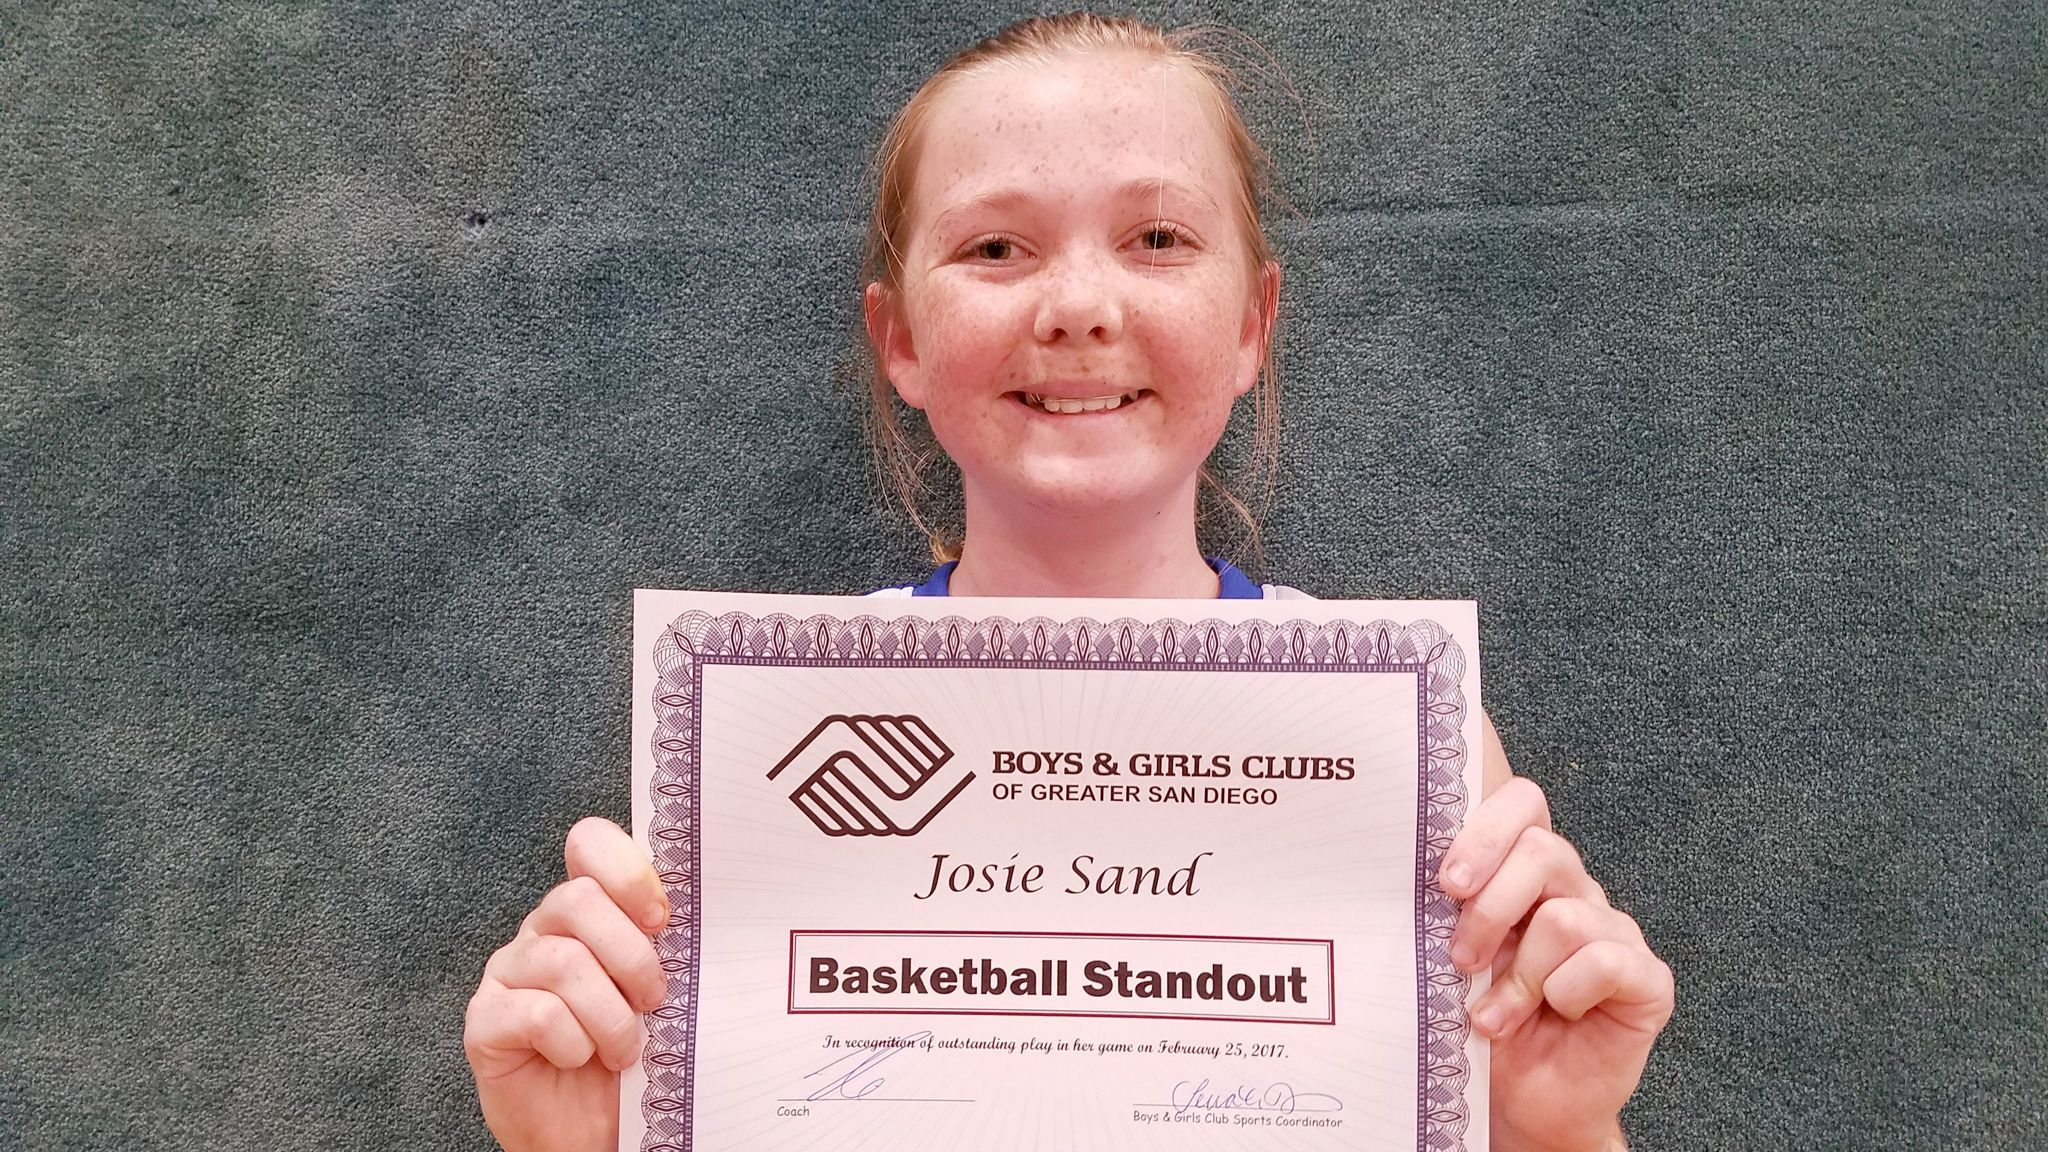 Josie Sand